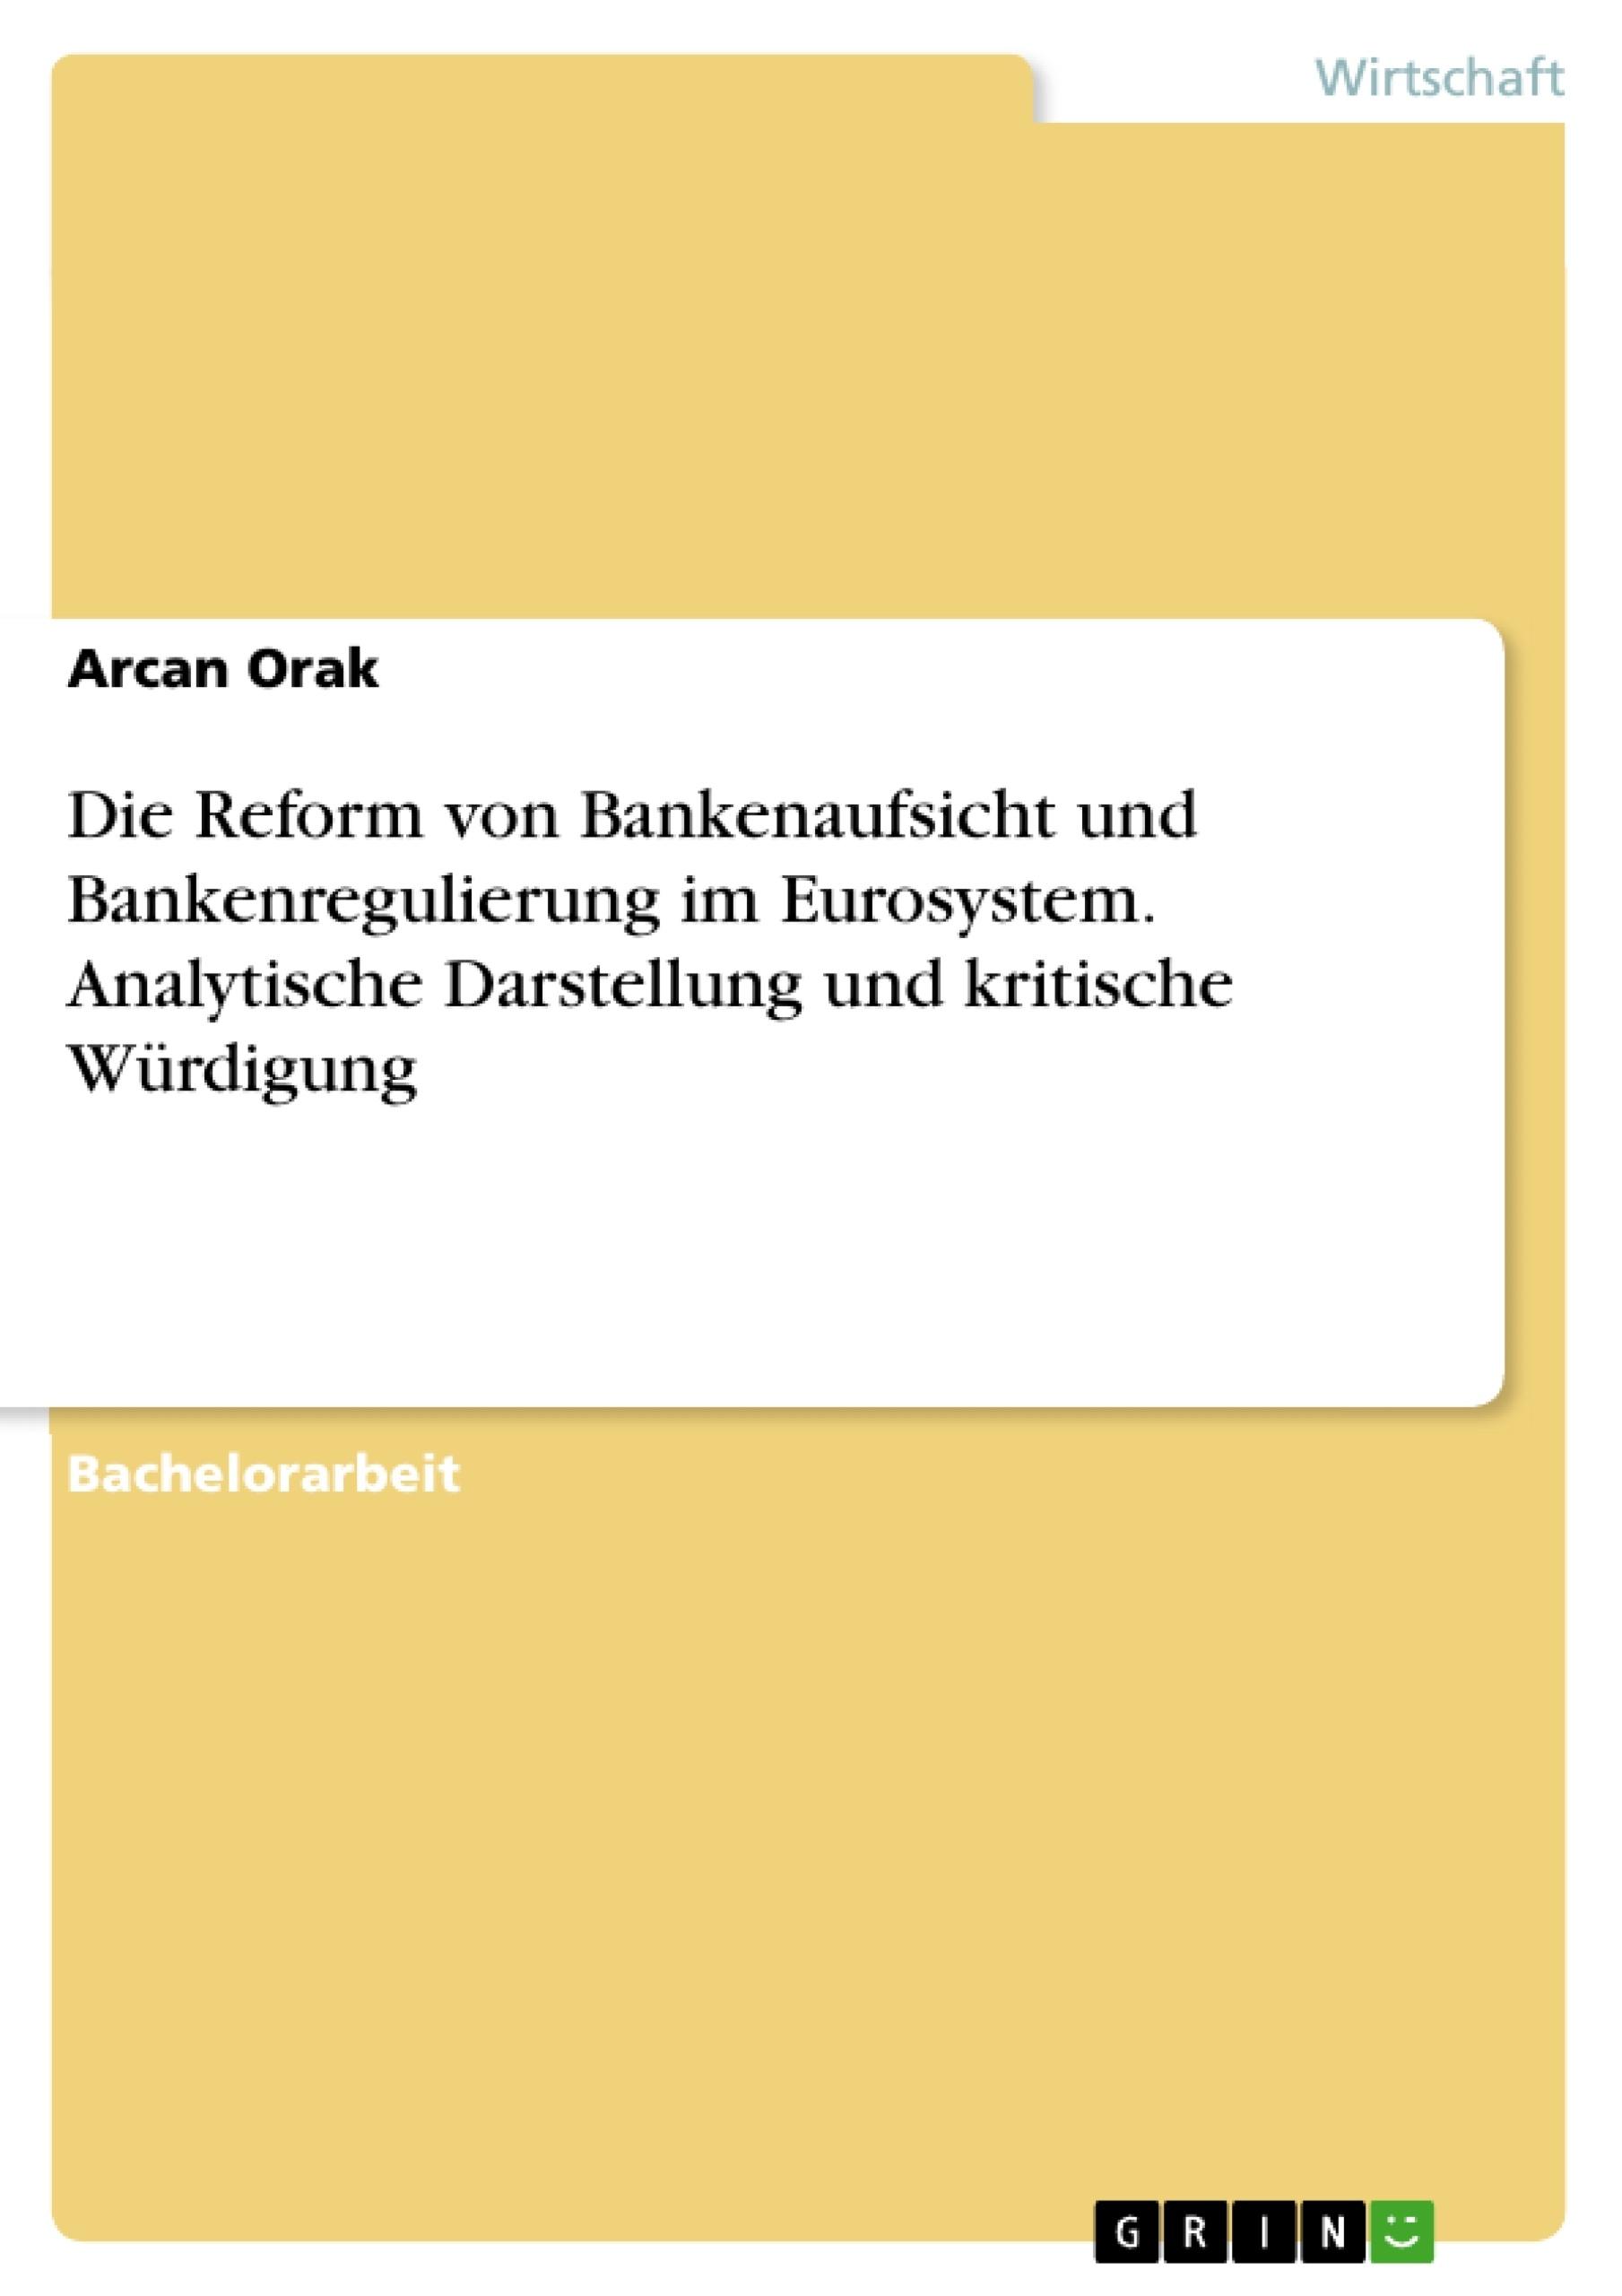 Titel: Die  Reform von Bankenaufsicht und Bankenregulierung im Eurosystem. Analytische Darstellung und kritische Würdigung